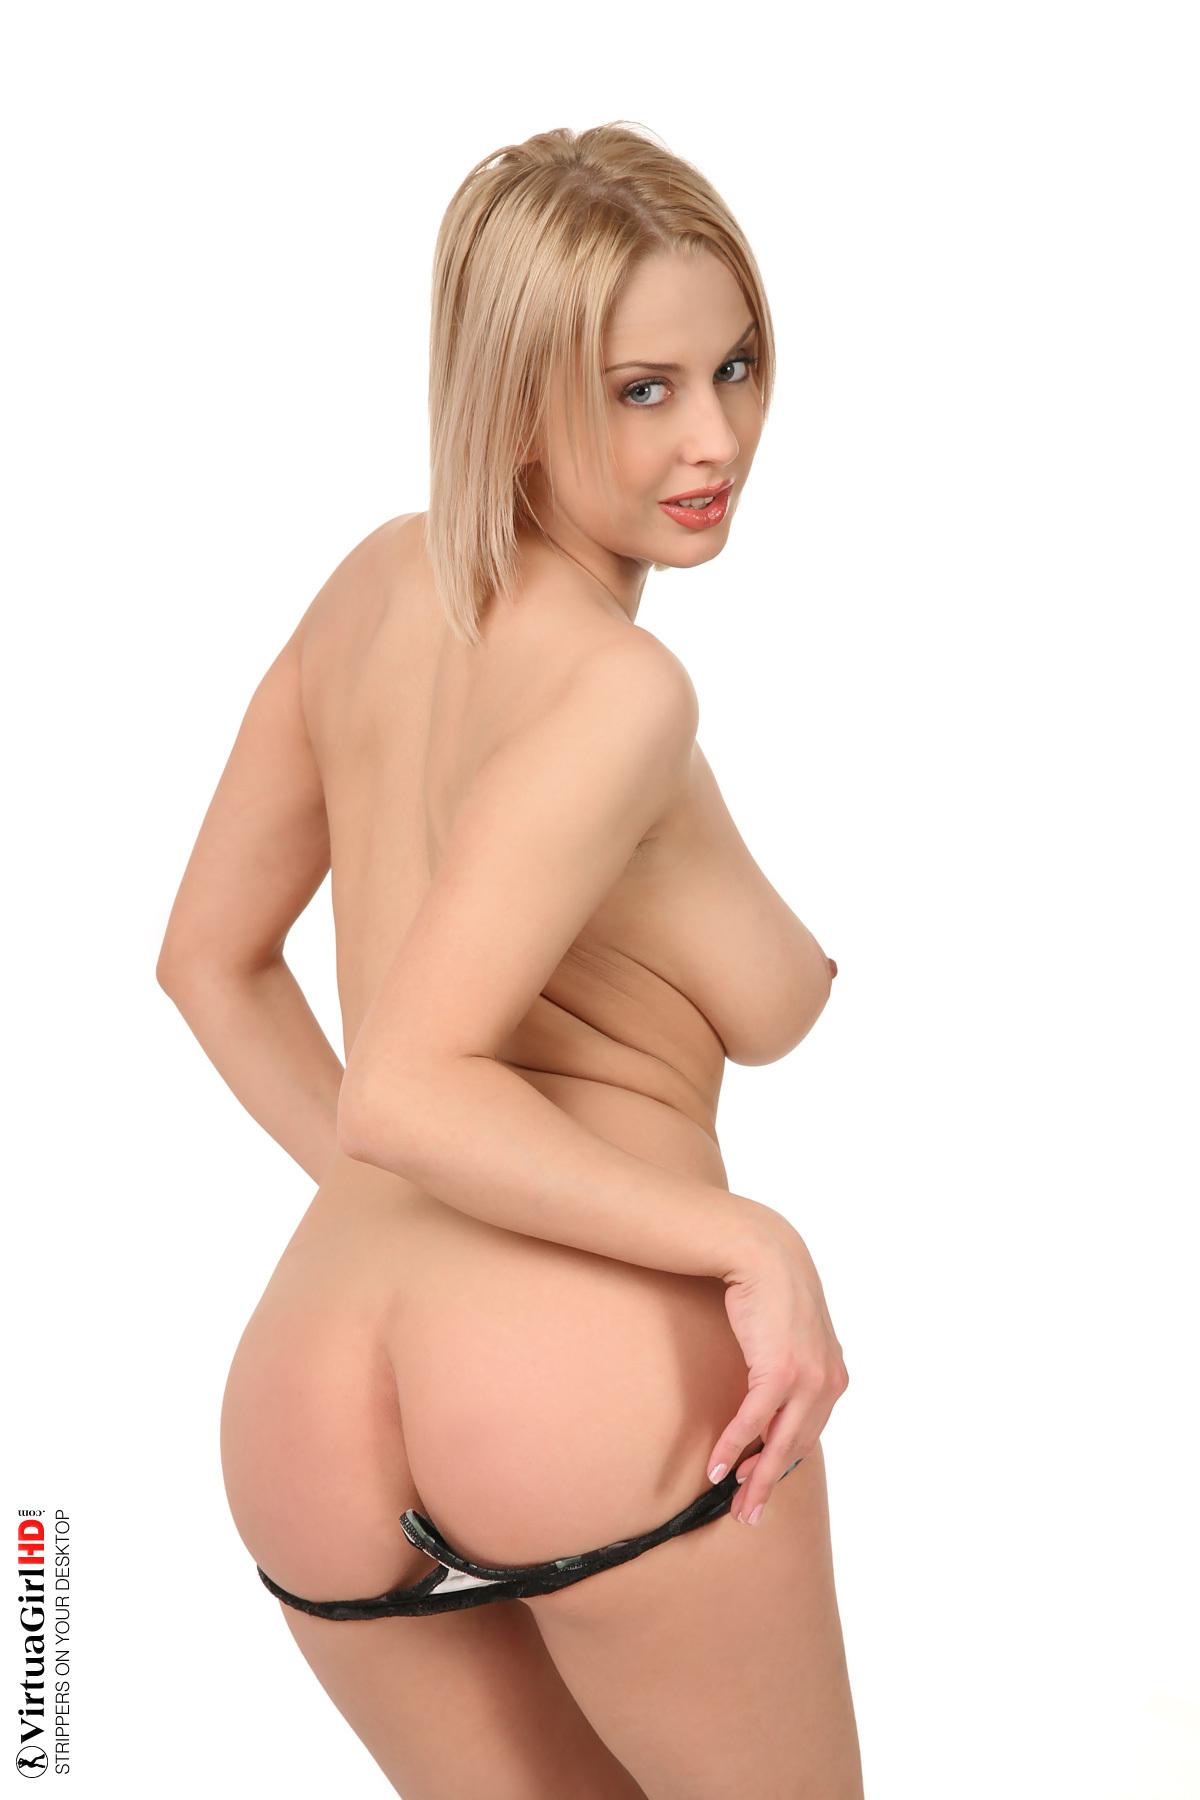 free male desktop stripper